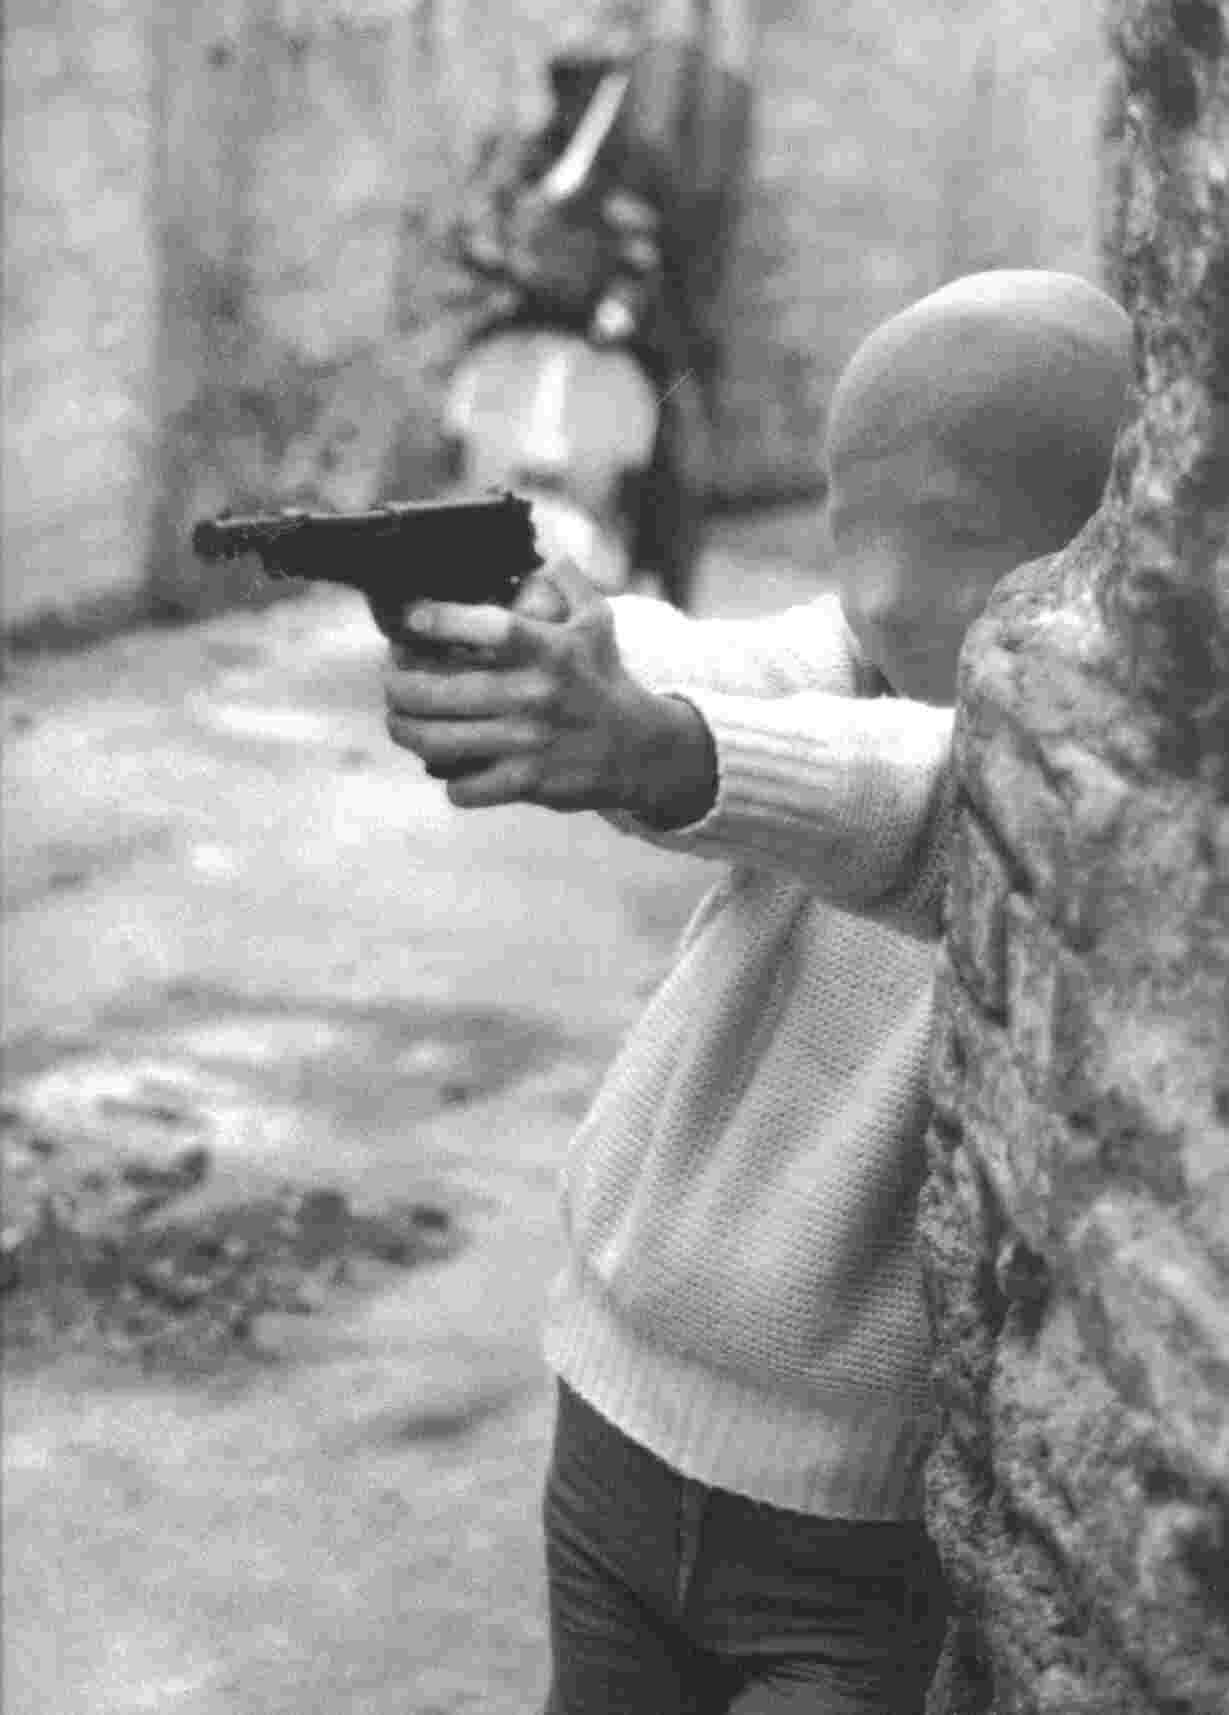 De jongen met het speelgoedpistool